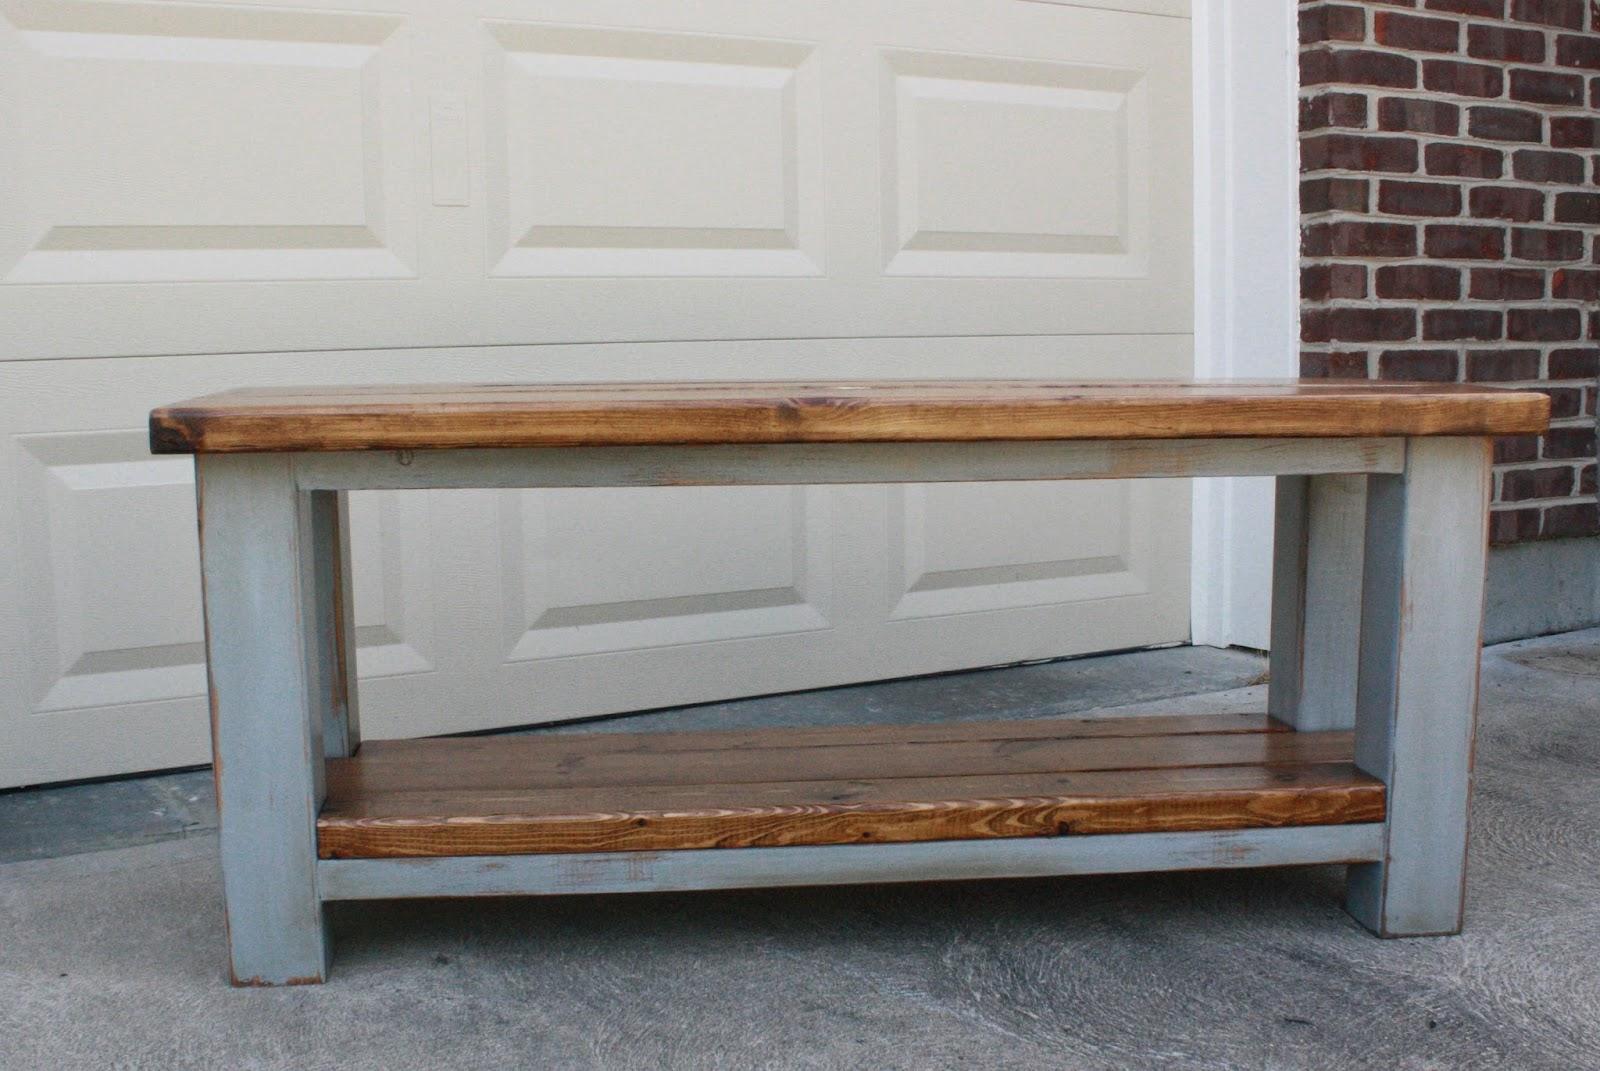 Gretchen s Garage New Farmhouse Bench